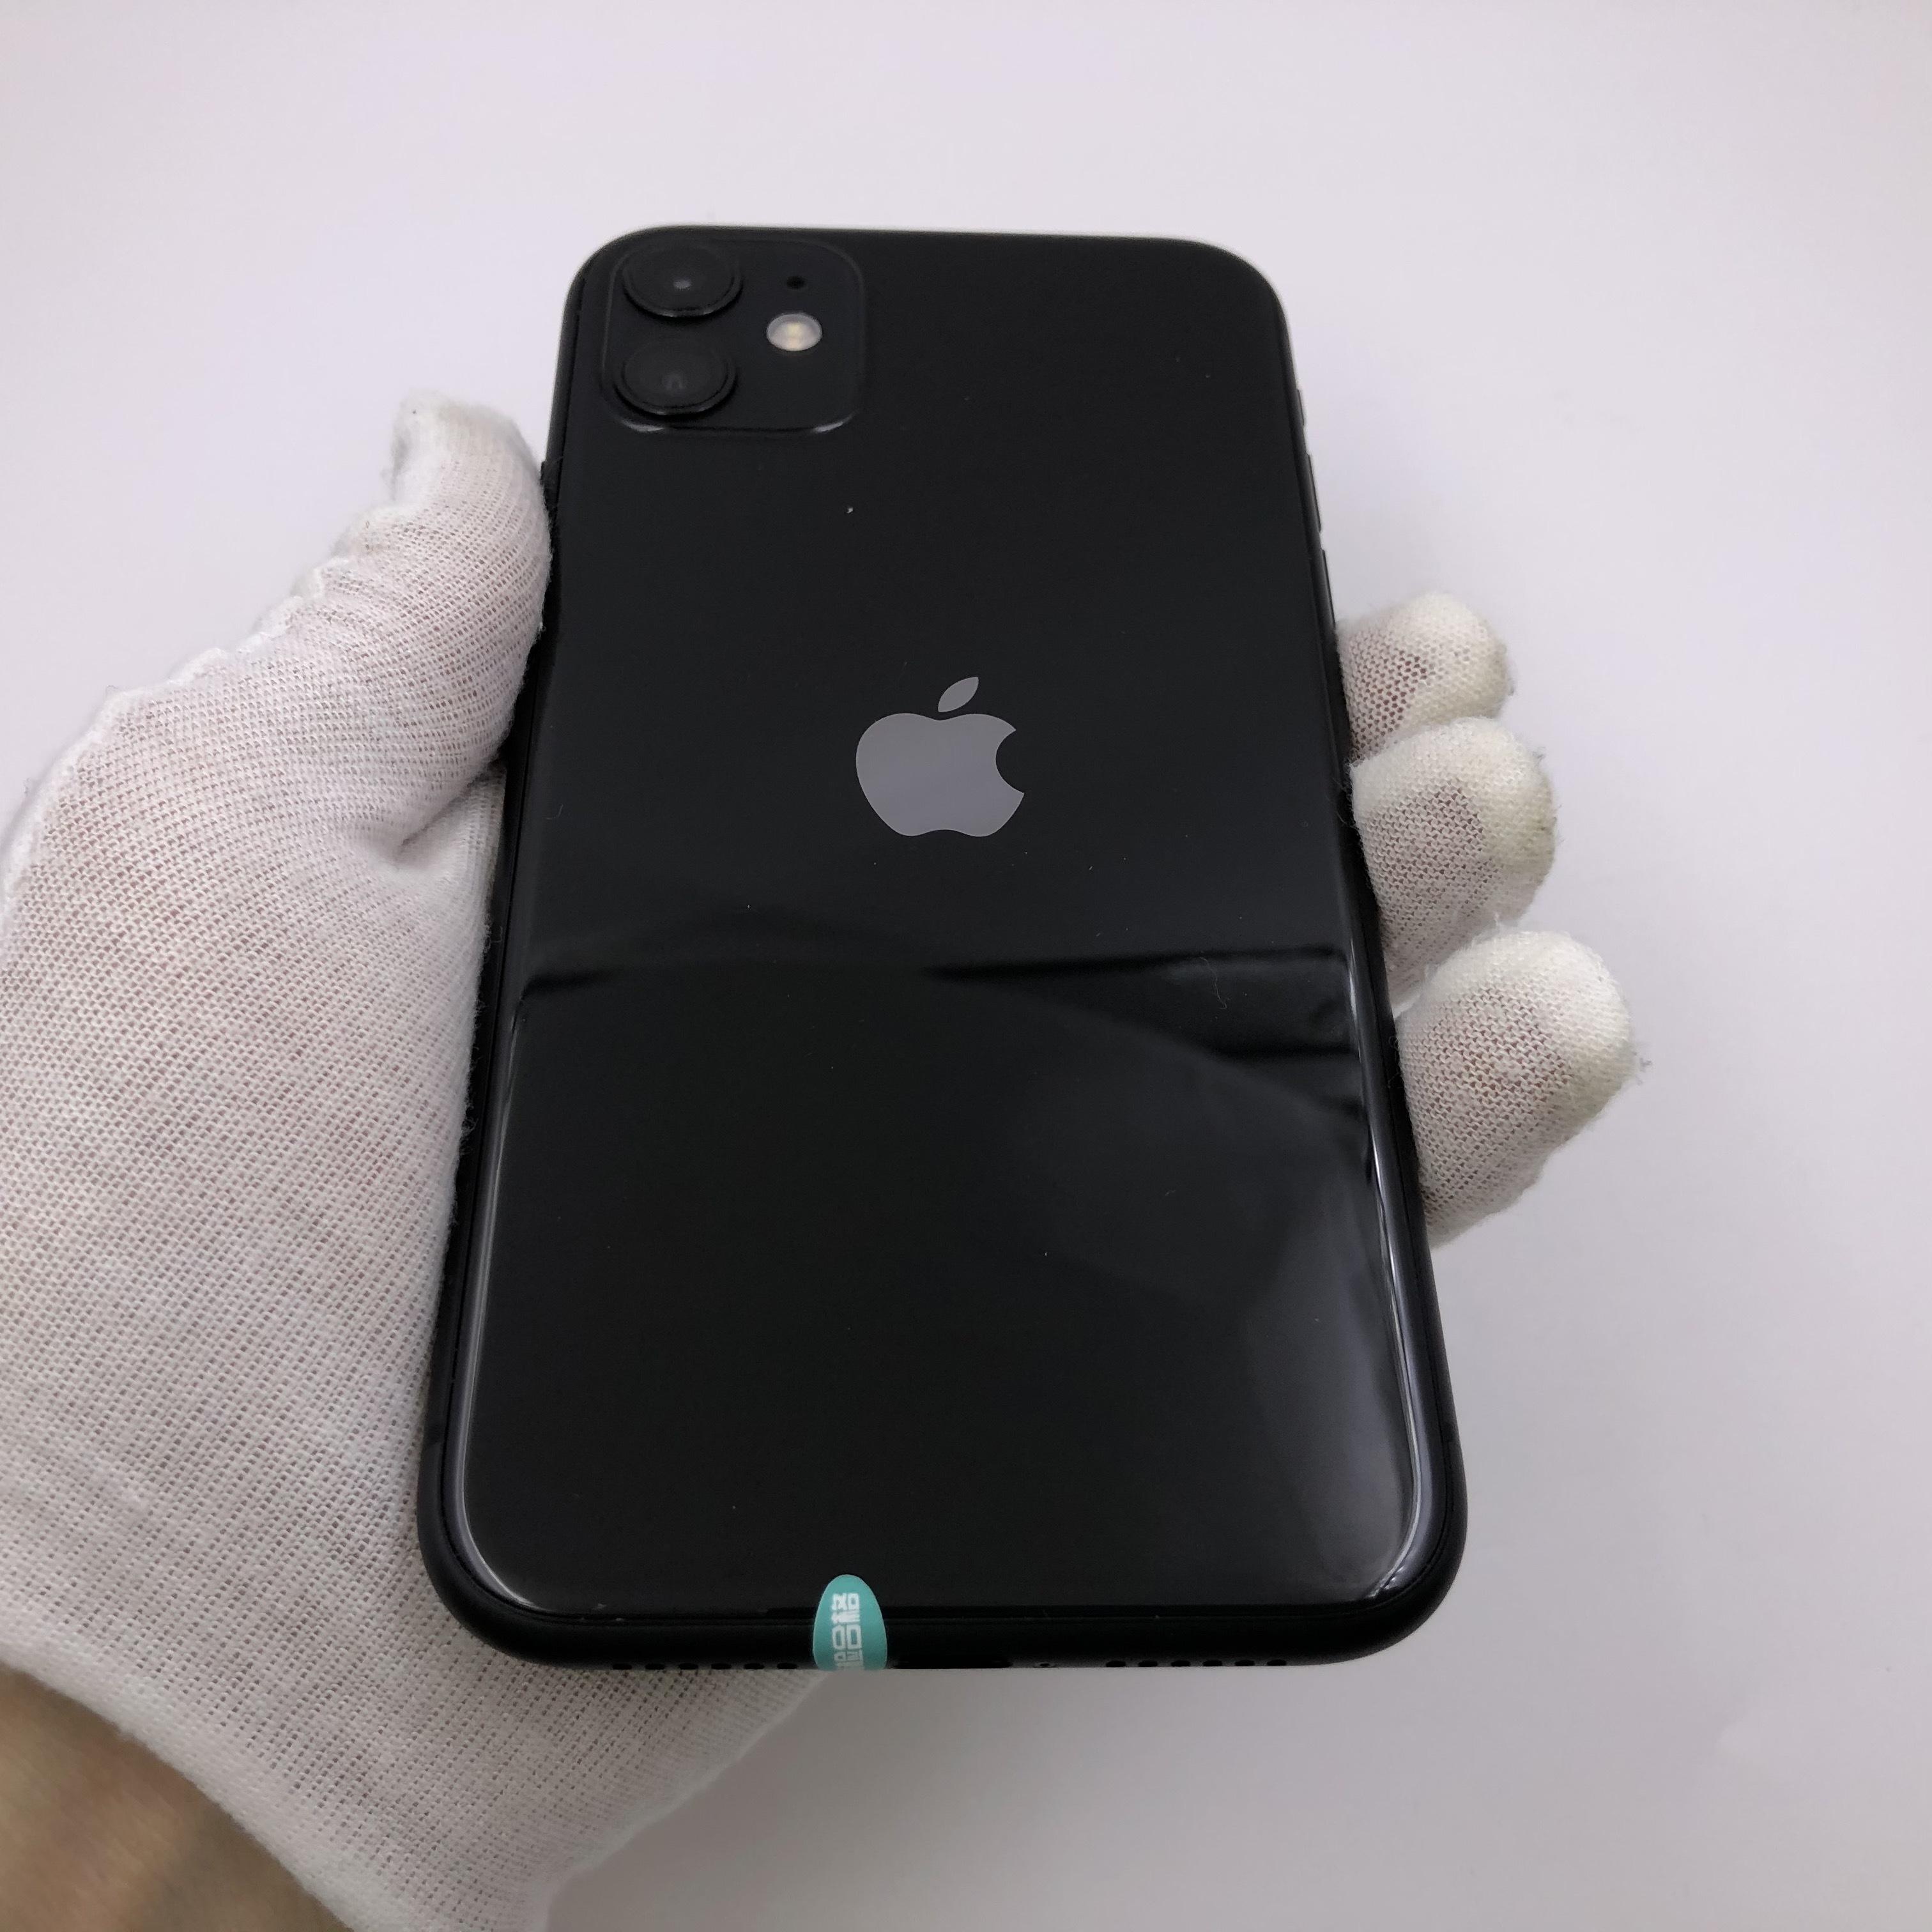 苹果【iPhone 11】4G全网通 黑色 64G 国行 95新